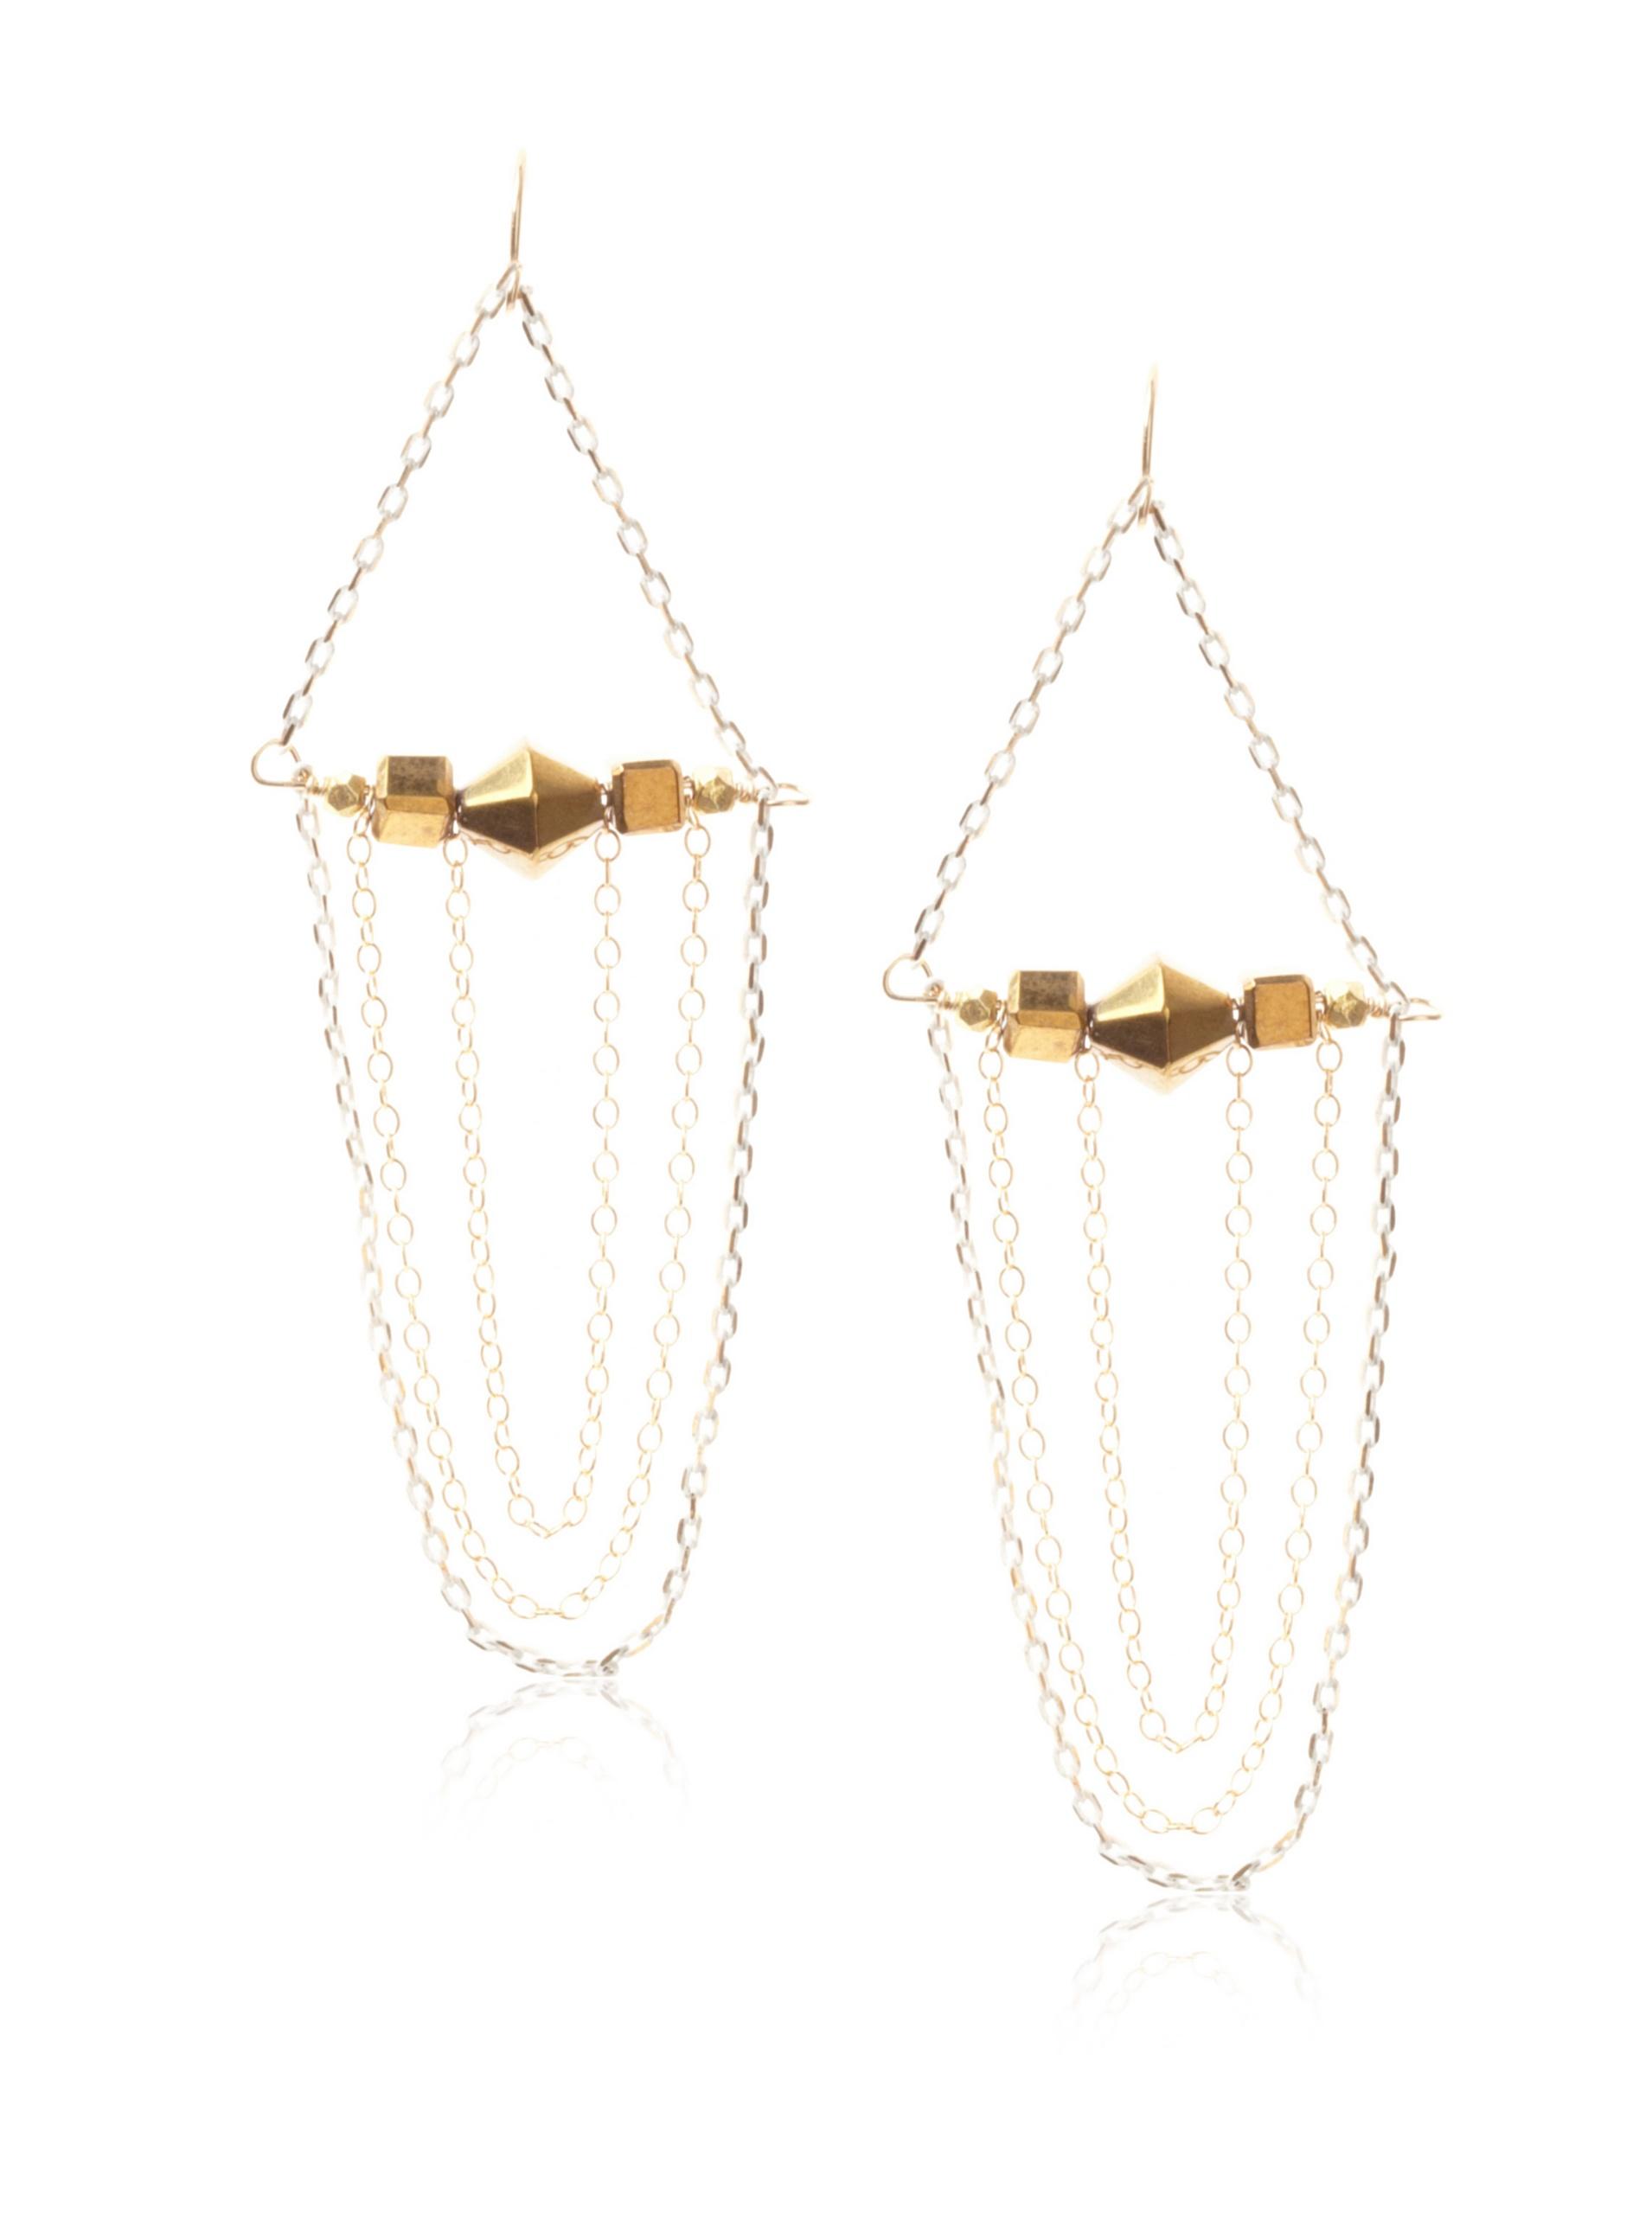 gorjana Vineyard Swing Earrings , Gold and White